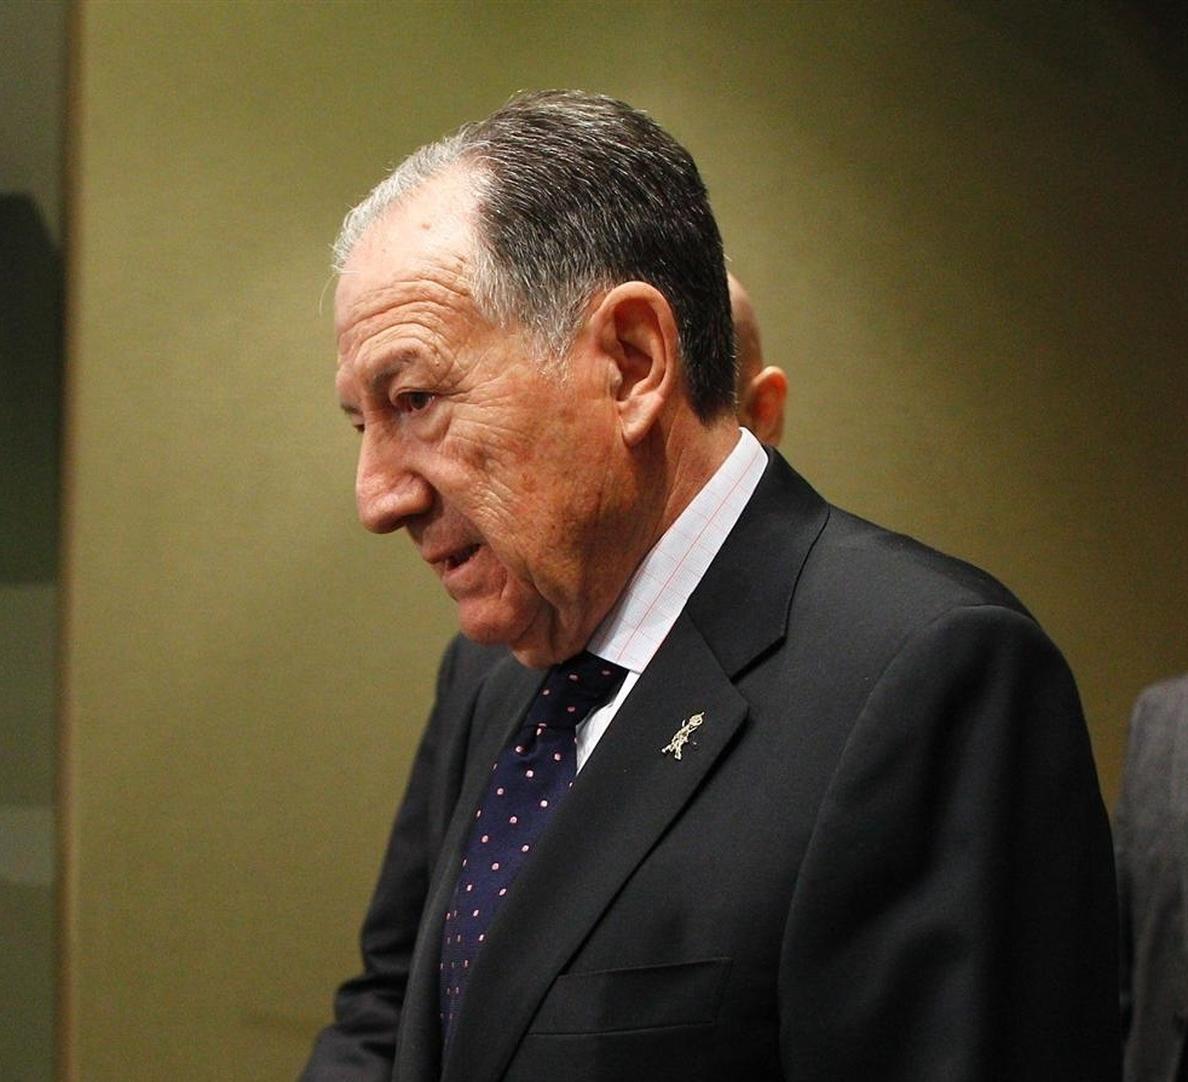 El director del CNI confirma los ciberataques contra España y pide que la ONU ampare la respuesta a estas agresiones